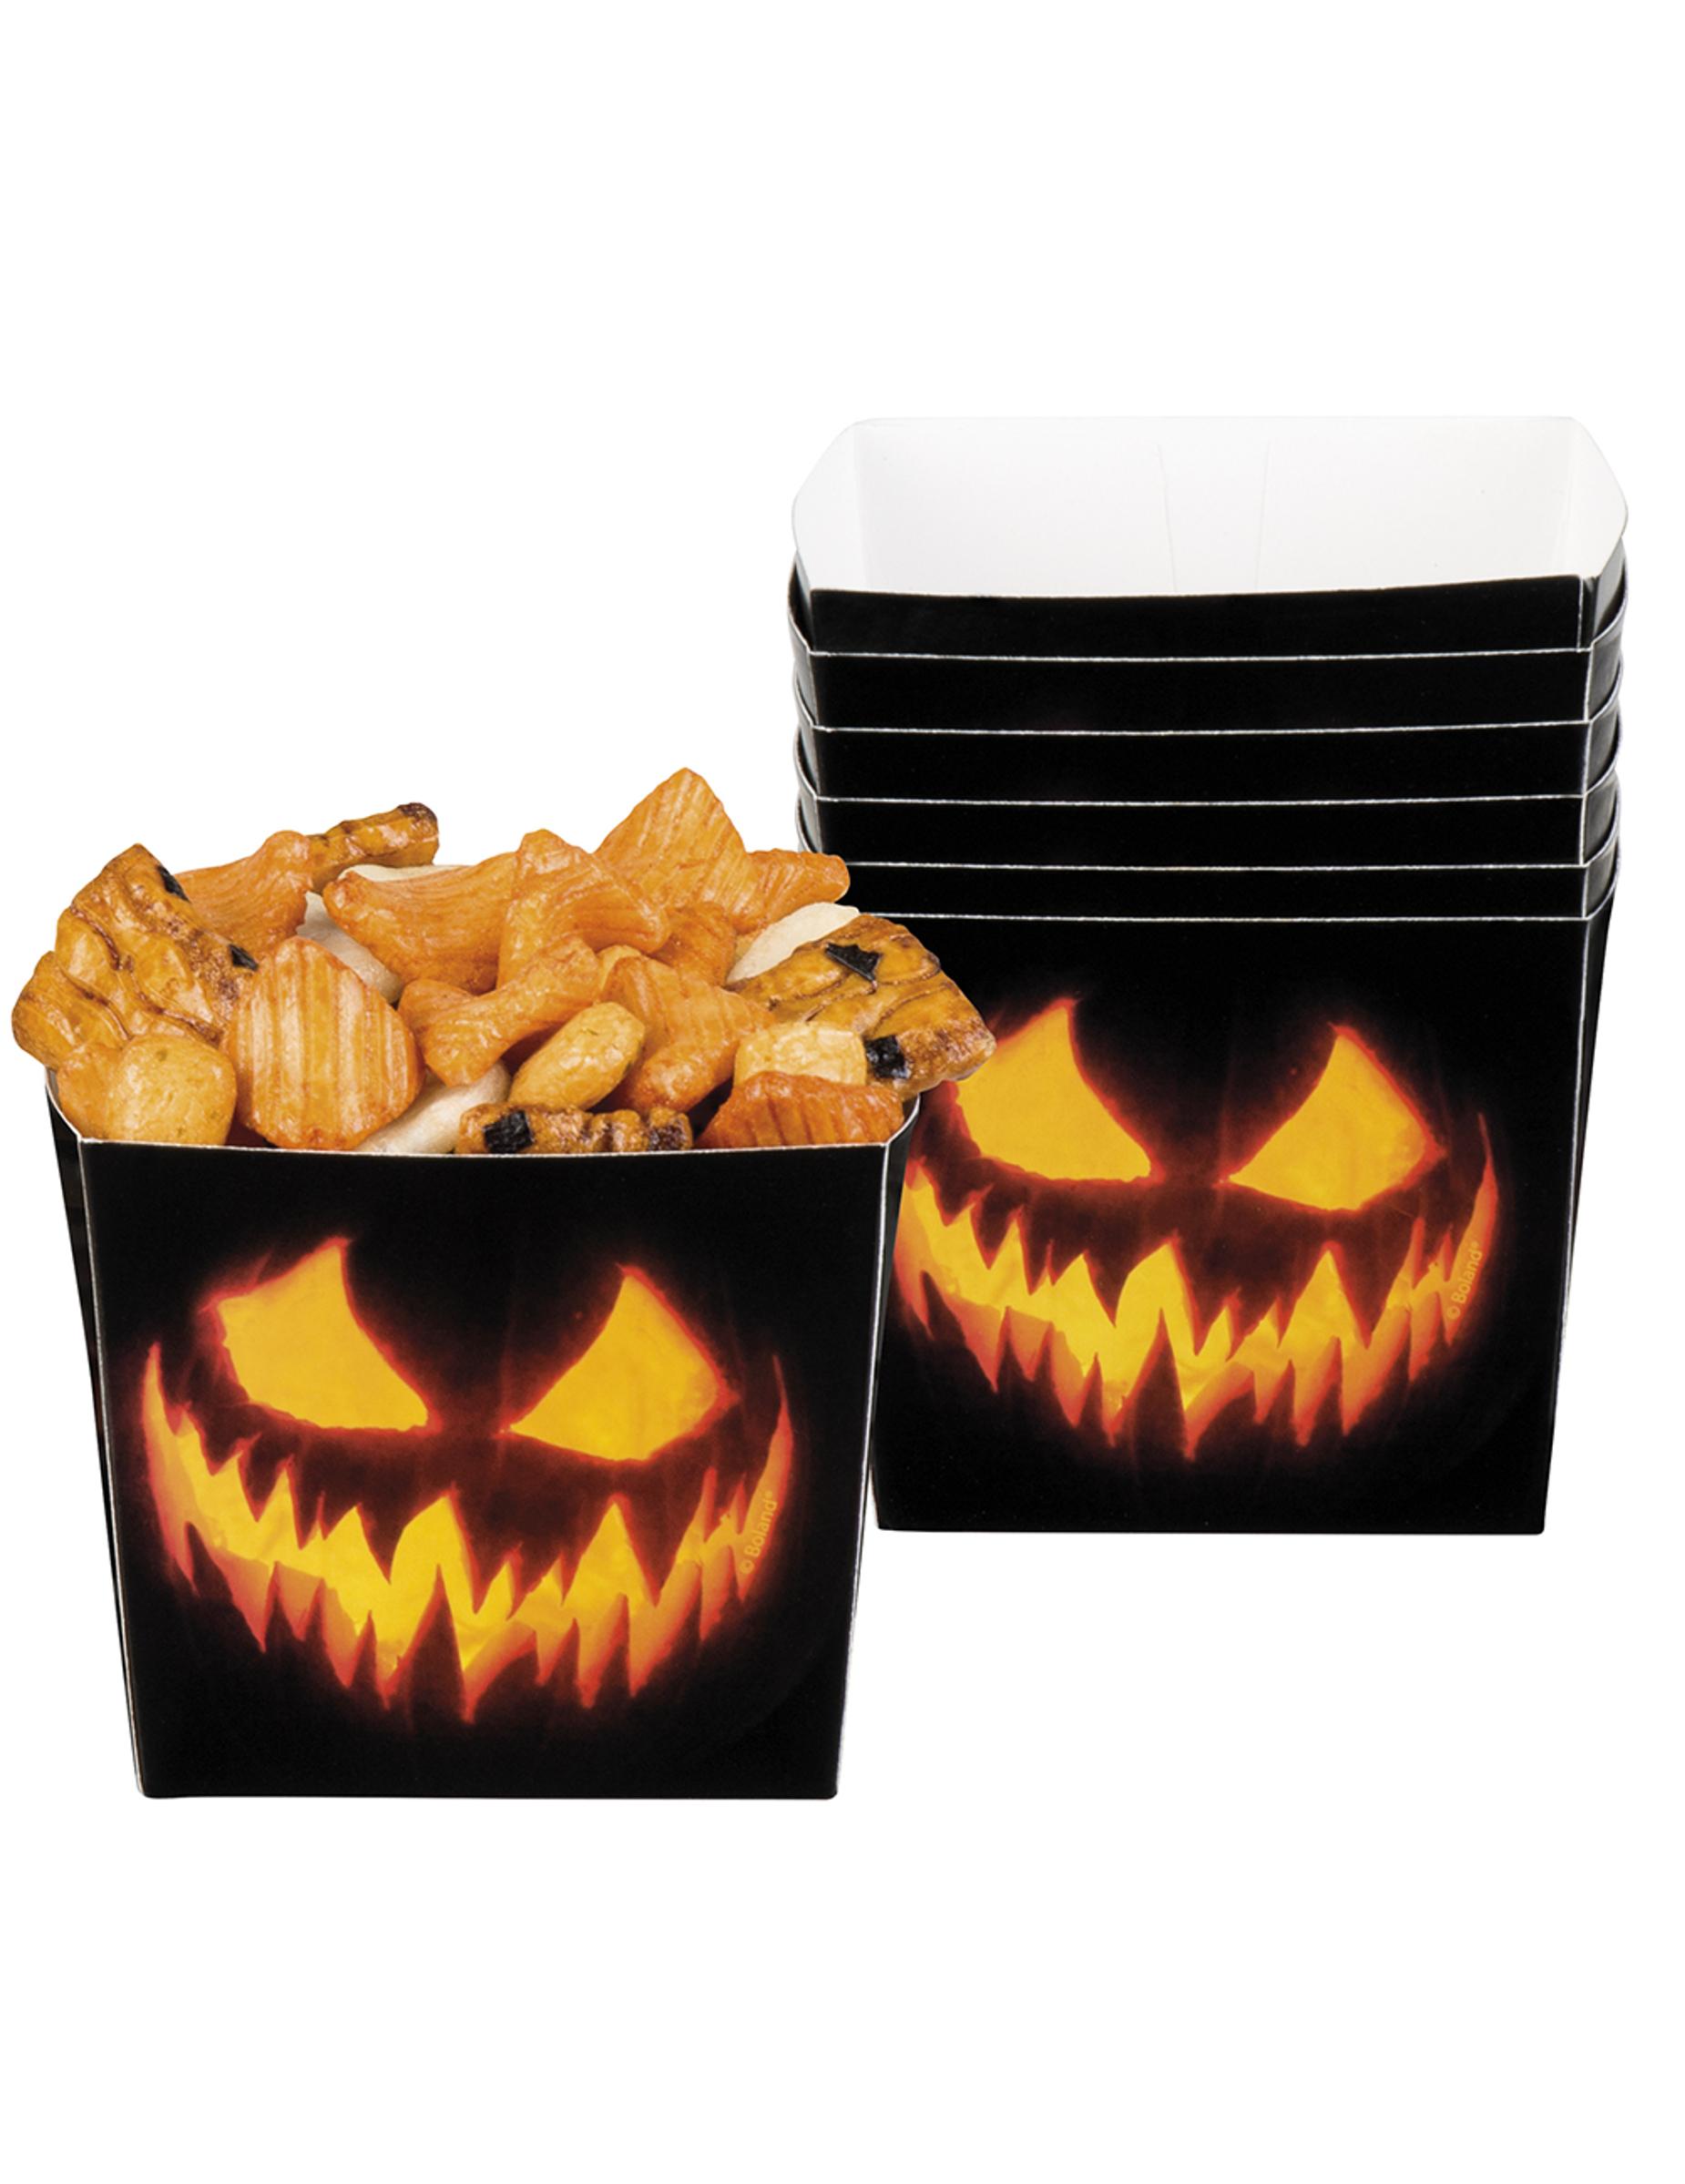 Zucche Di Halloween Terrificanti.6 Coppette Aperitivo Zucca Terrificante Su Vegaooparty Negozio Di Articoli Per Feste